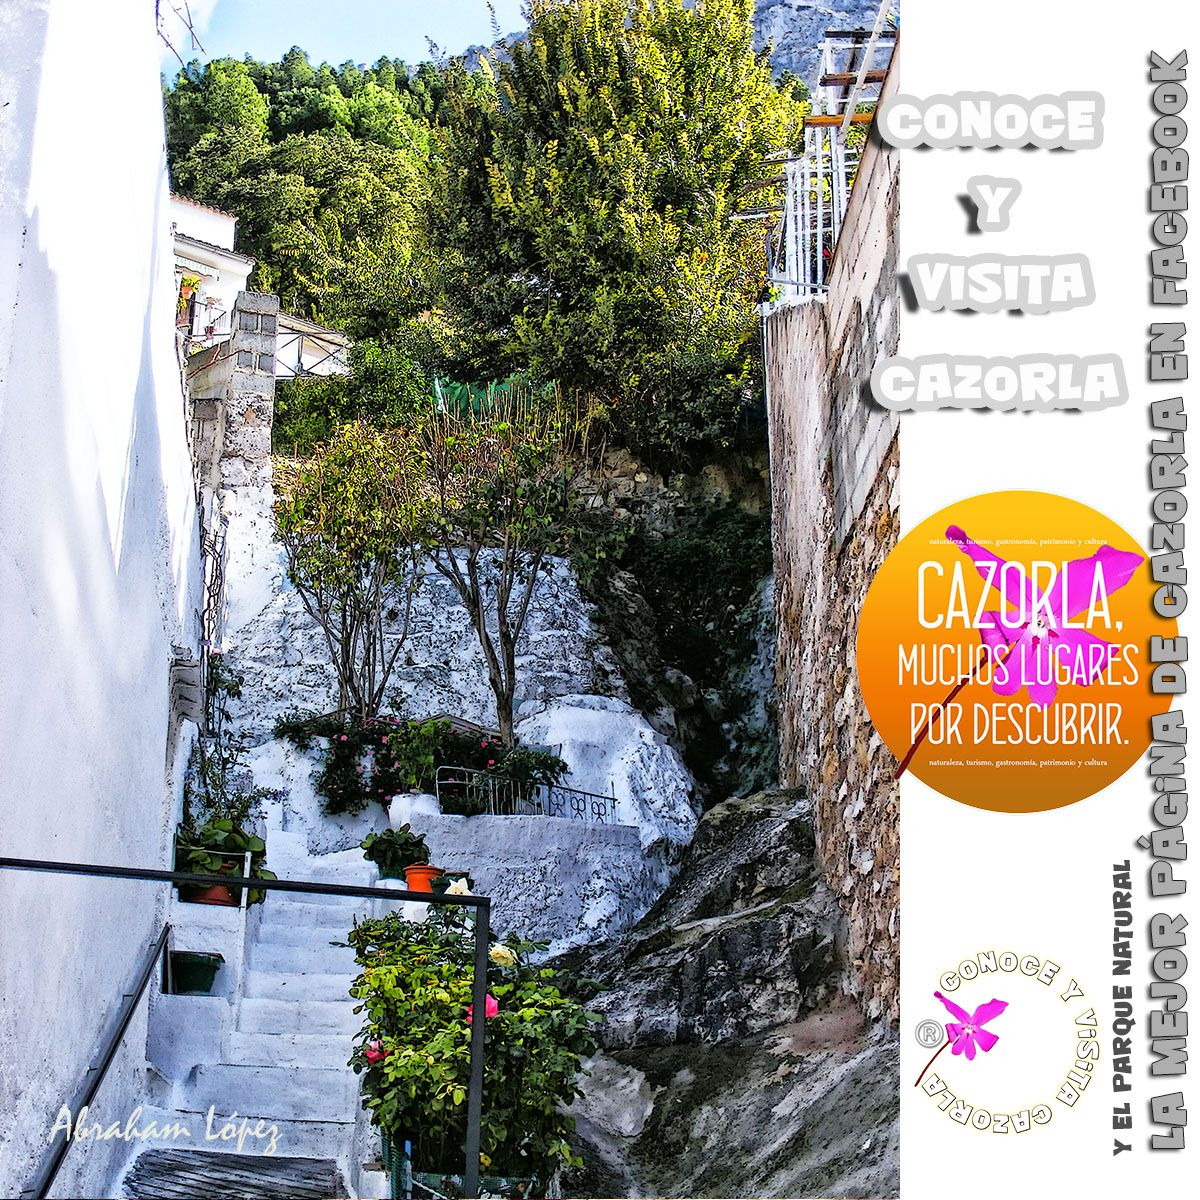 La cal, colaborando con el cielo, que hizo una risa azul de Andalucía, es en Cazorla arrullo, brisa y vuelo y optimismo ideal de claro día. Fernando de los Ríos y de Guzmán